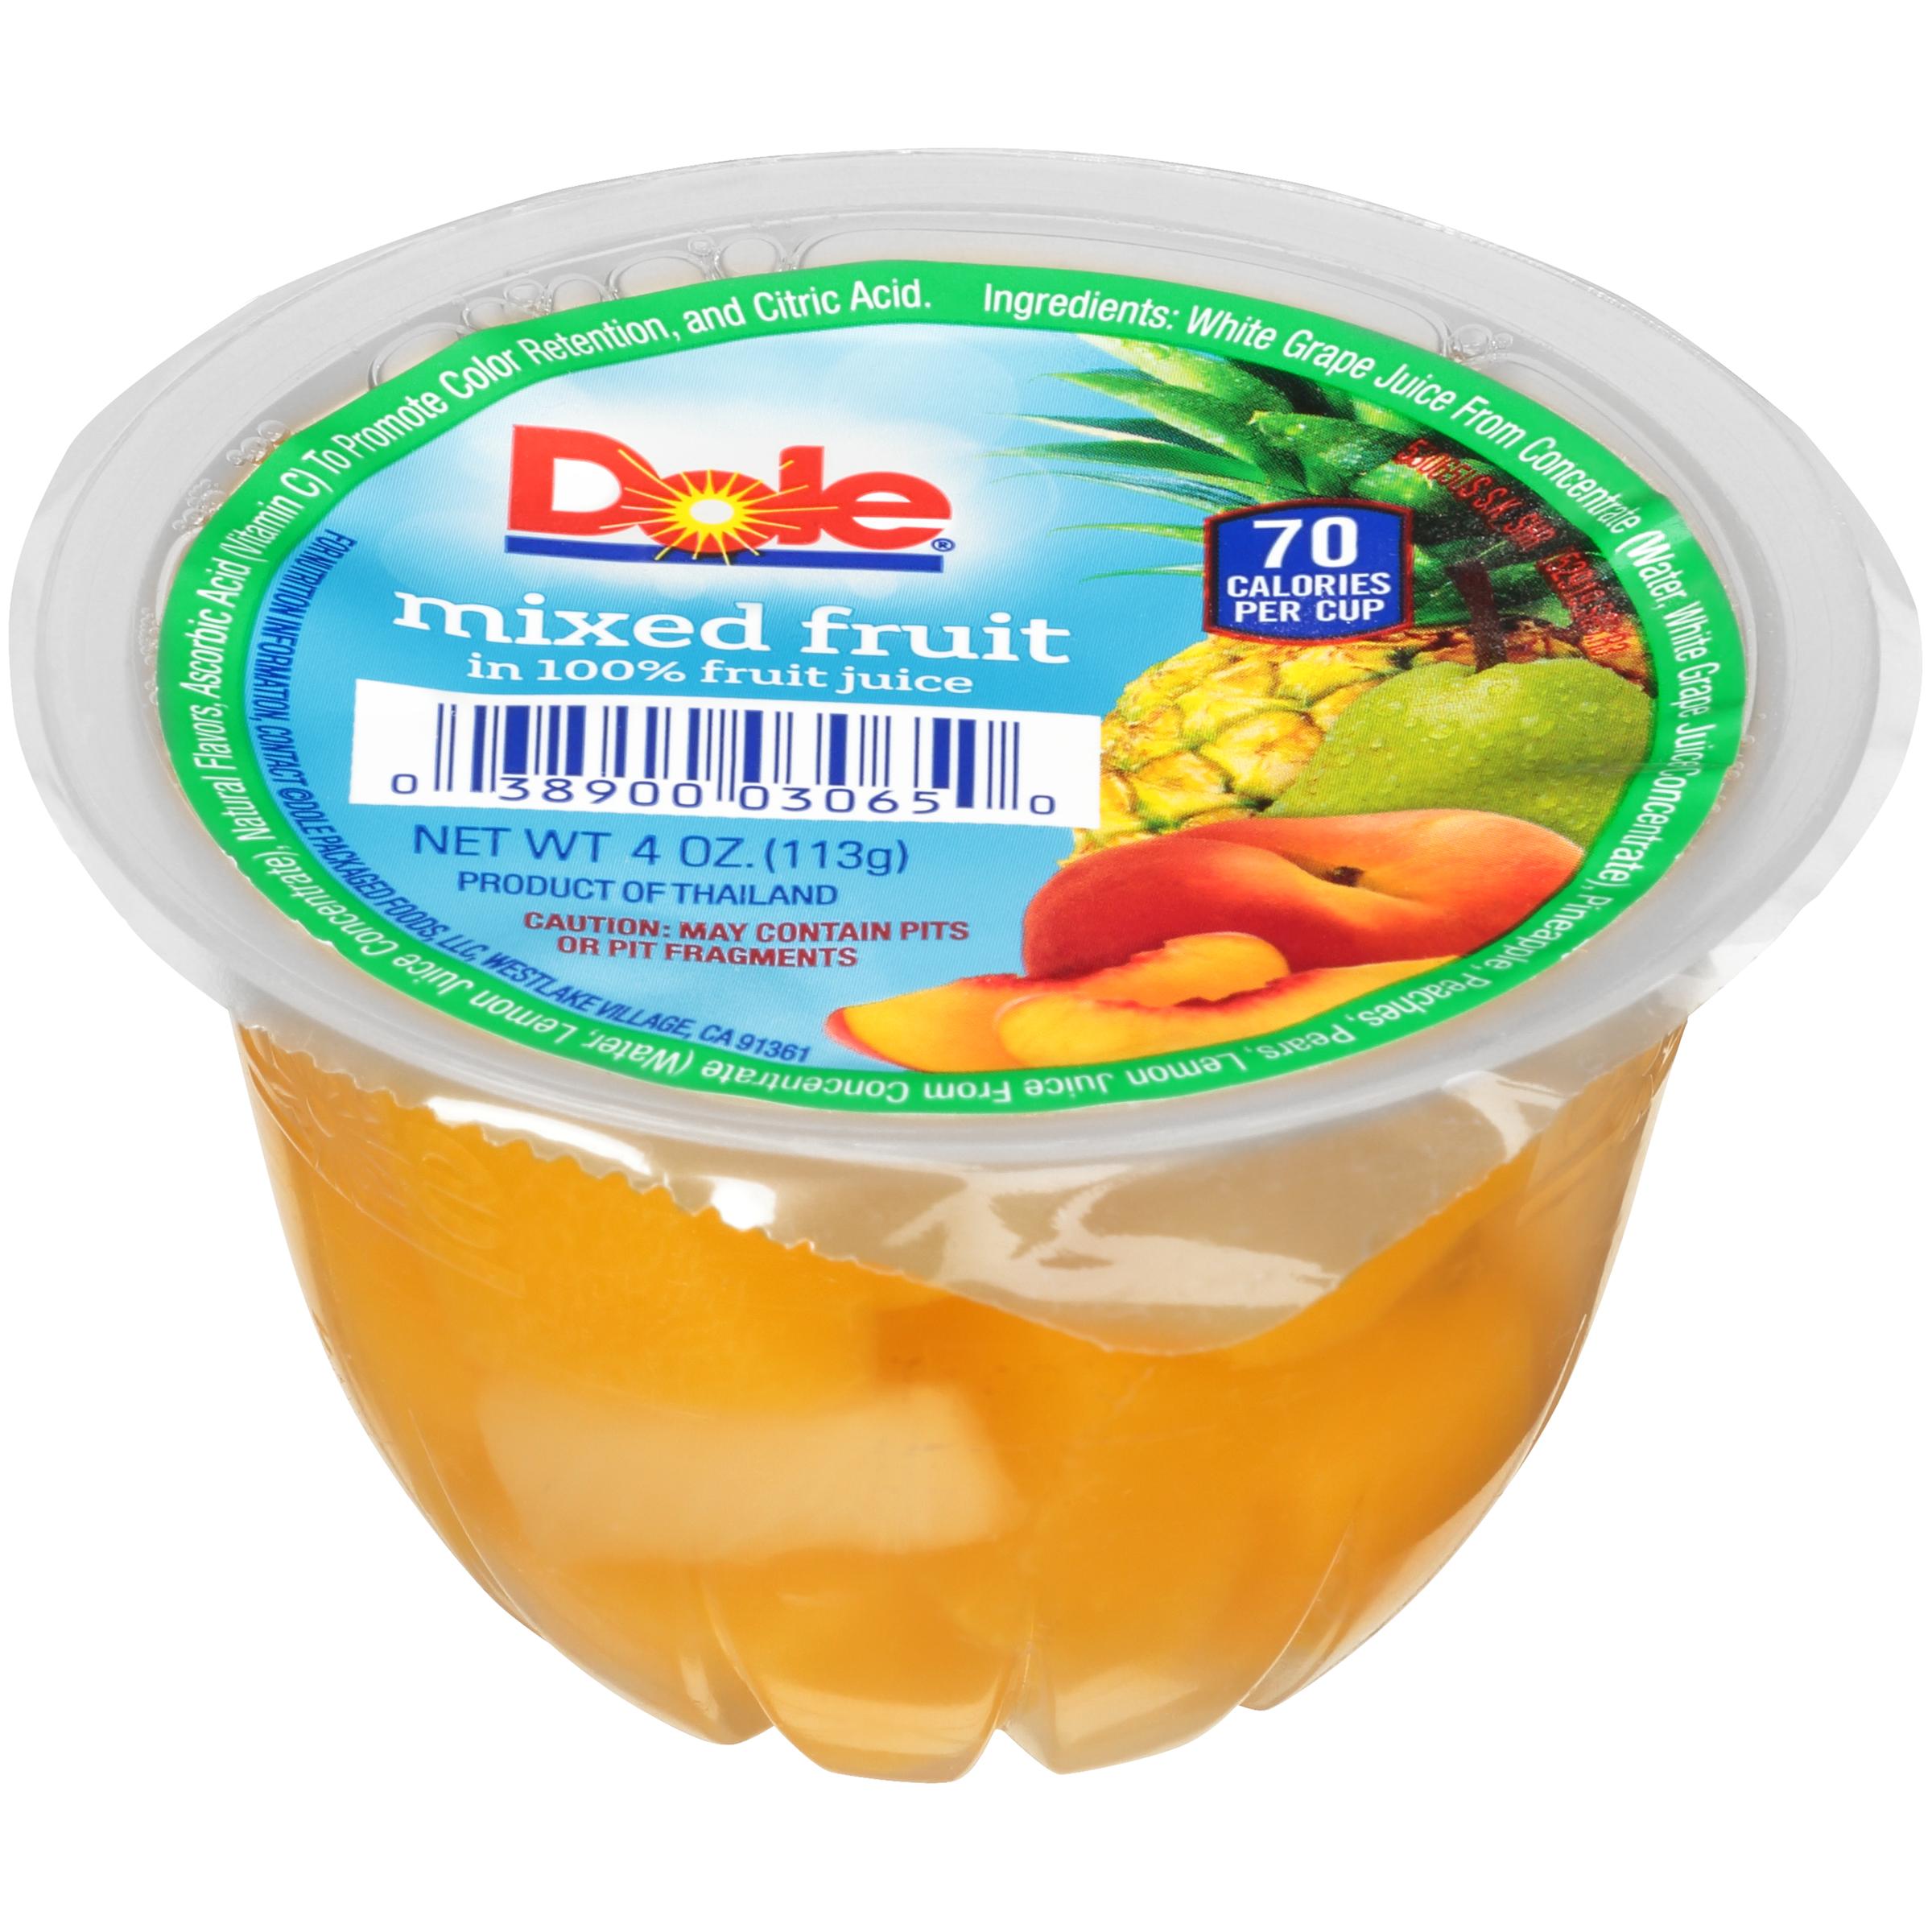 36/4 Mixed Fruit In Juice